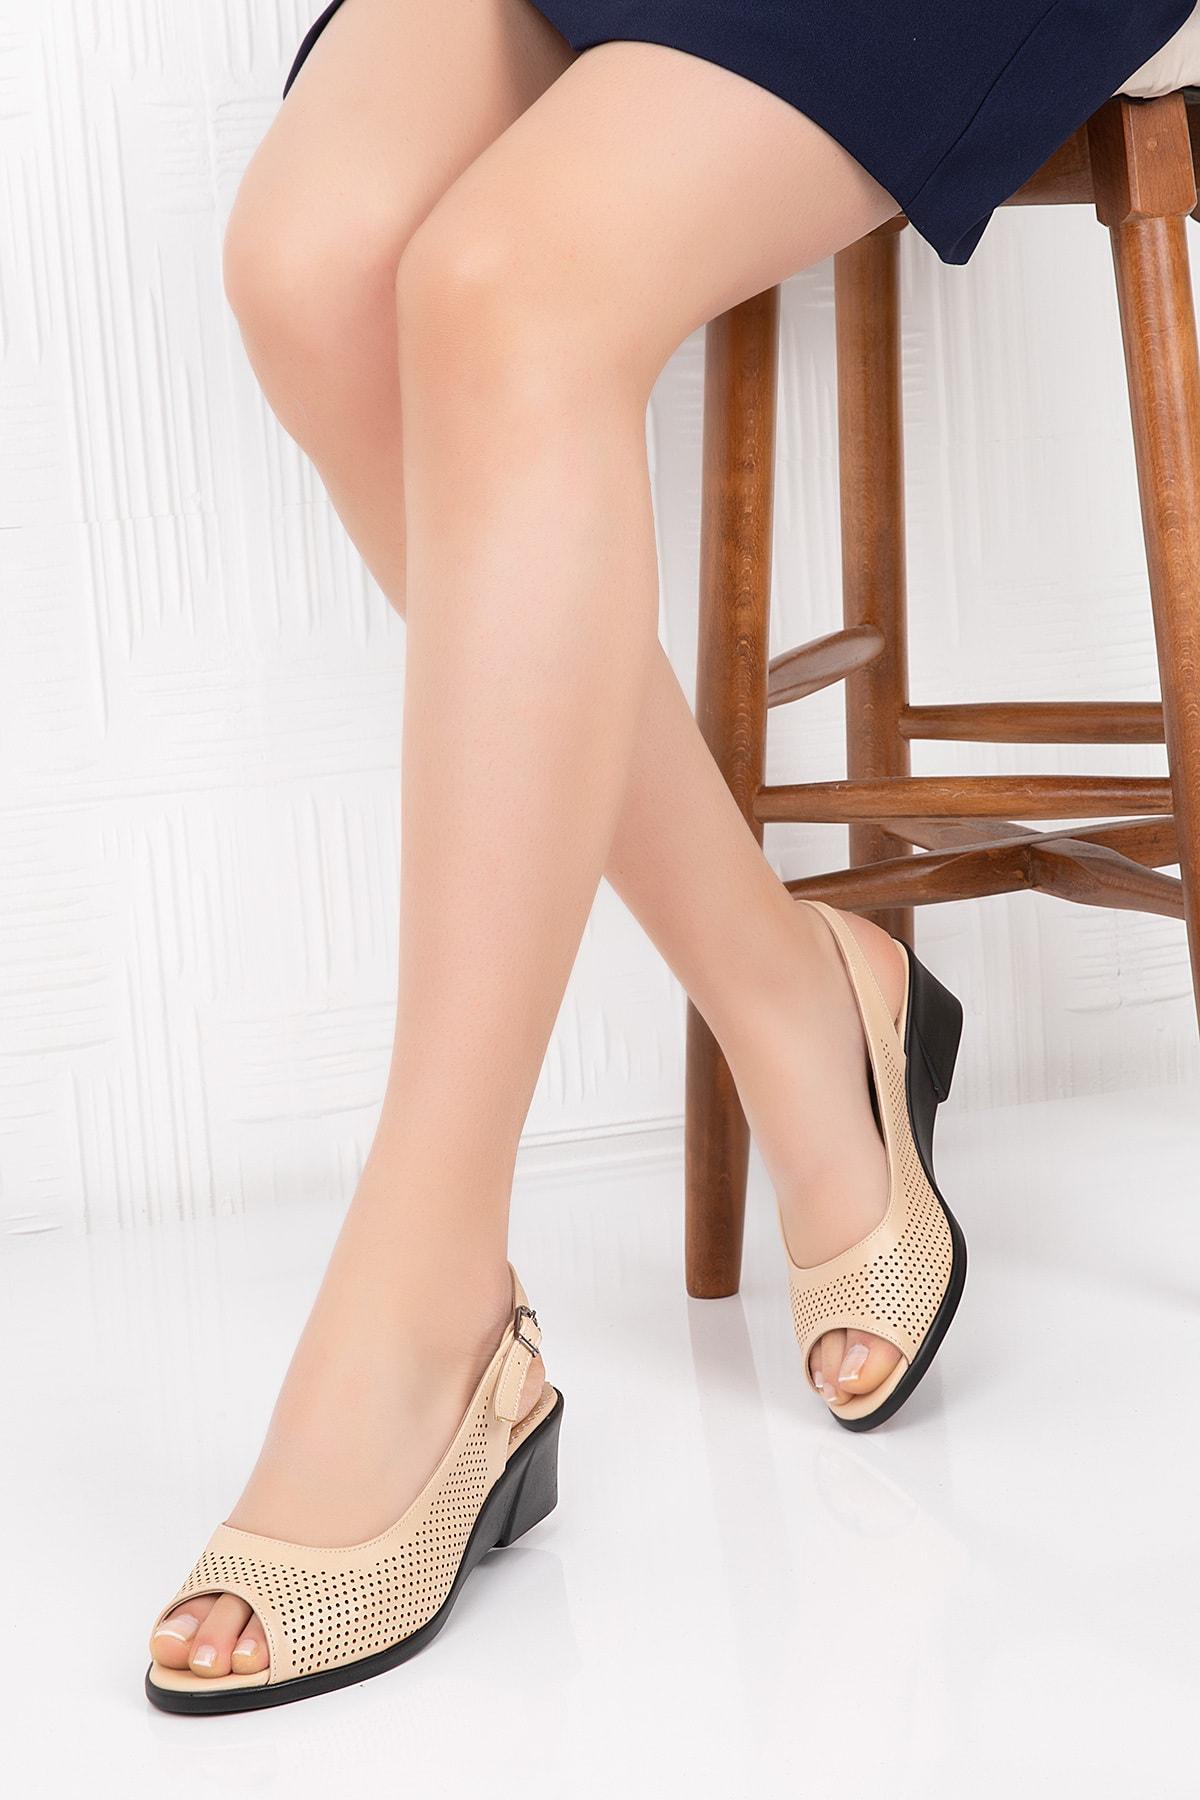 Gondol Hakiki Deri Anatomik Taban Sandalet 1